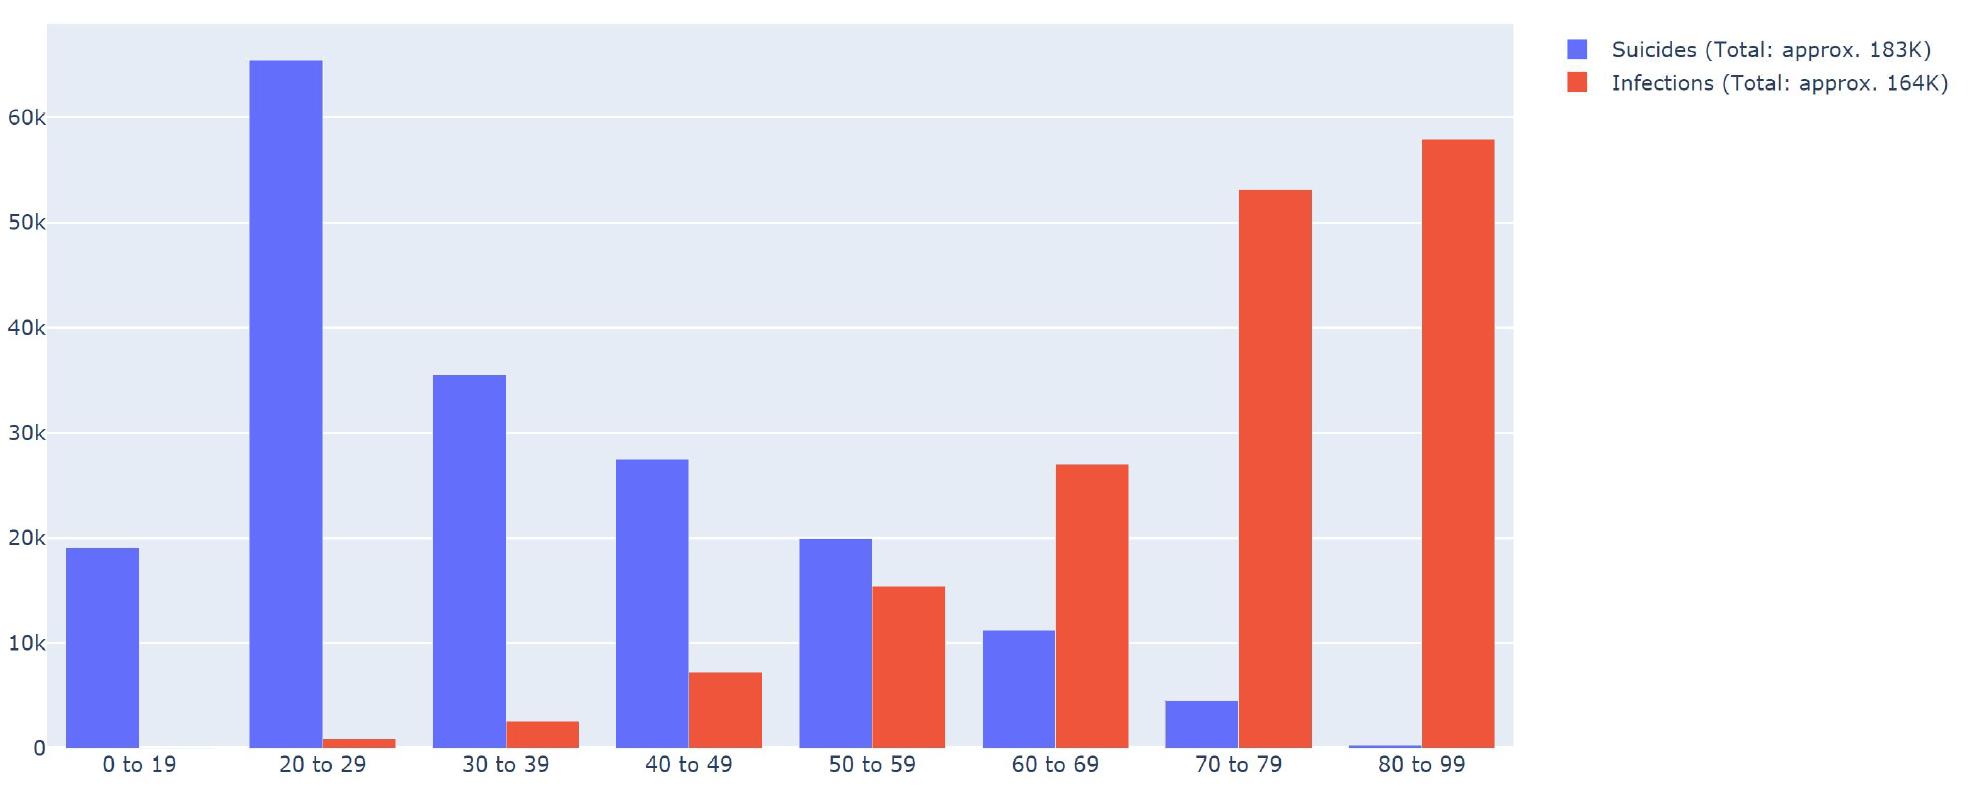 失われた余命年数の分布